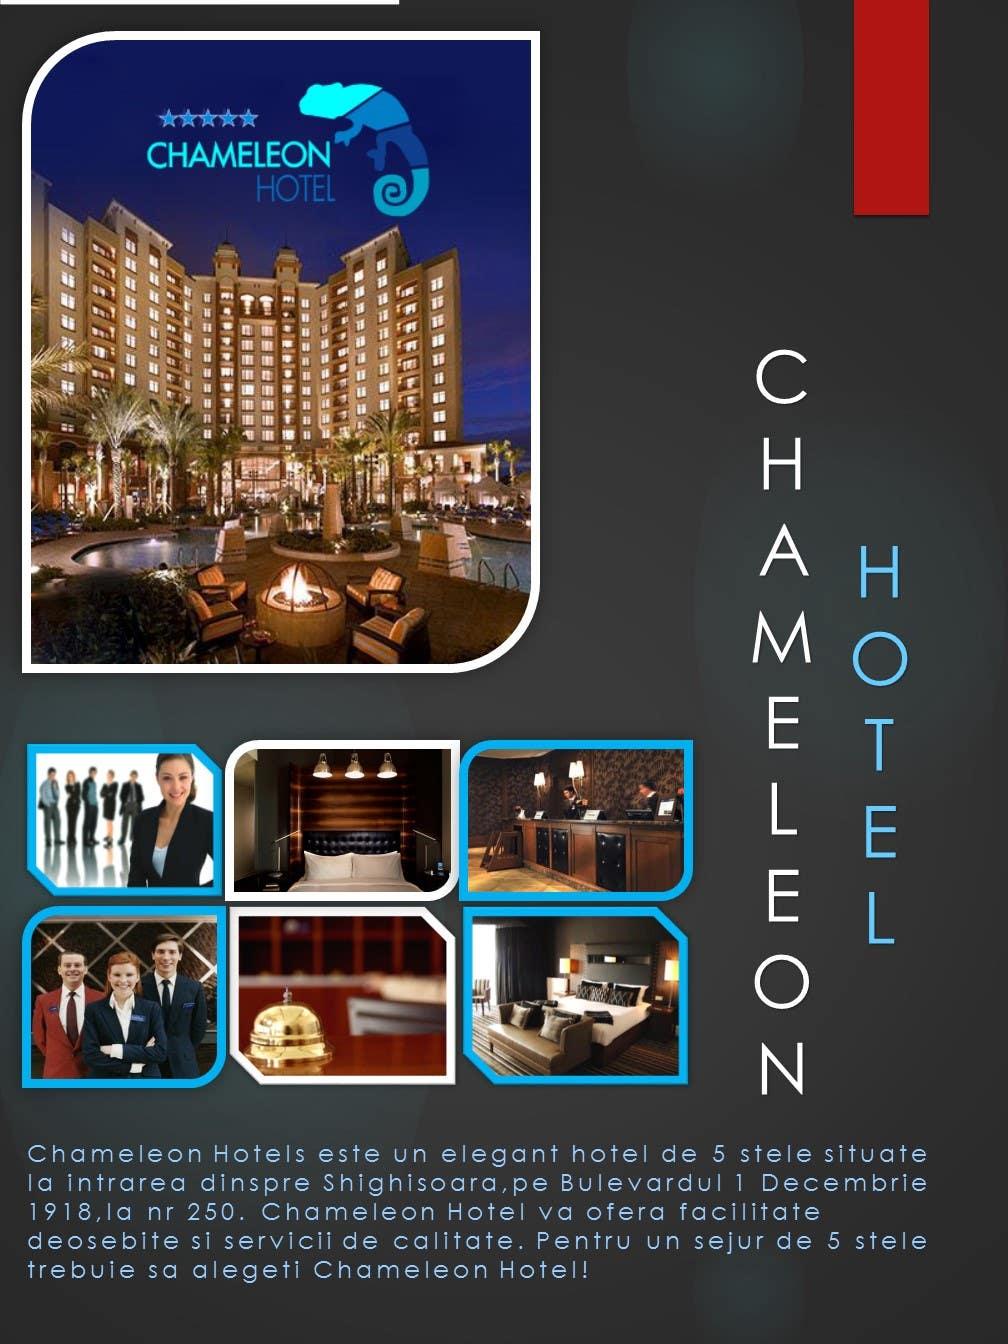 Chameleon Hotel - Brochure